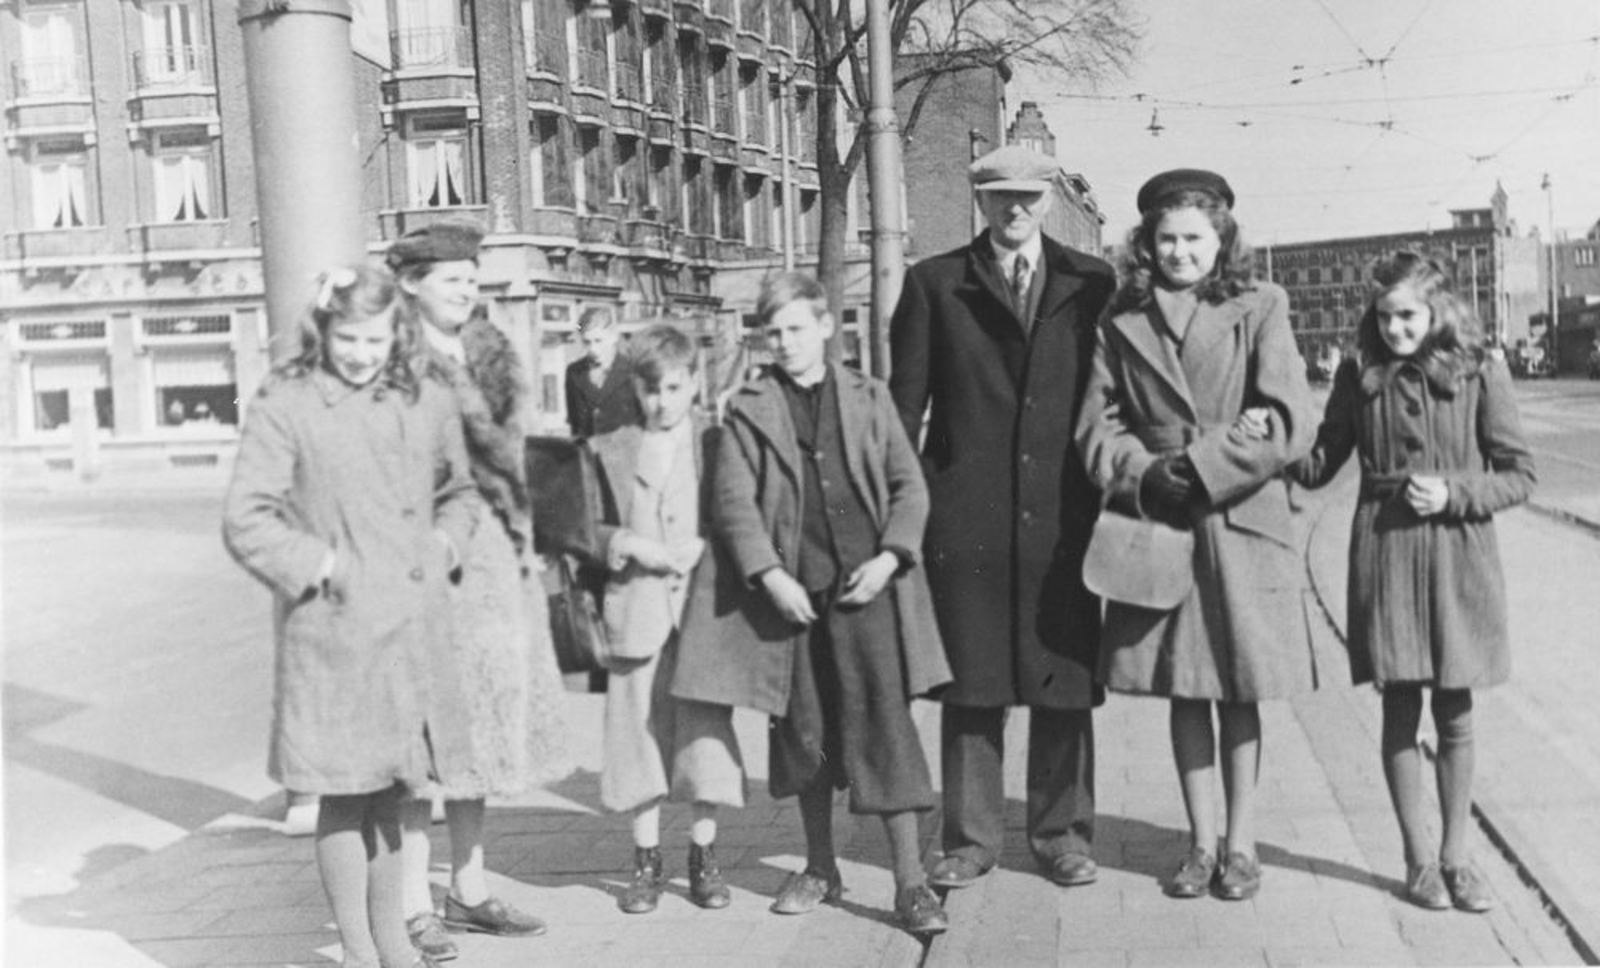 Koeckhoven Therus Janzn 1899 1947 Emigratiekeuring in Den Haag